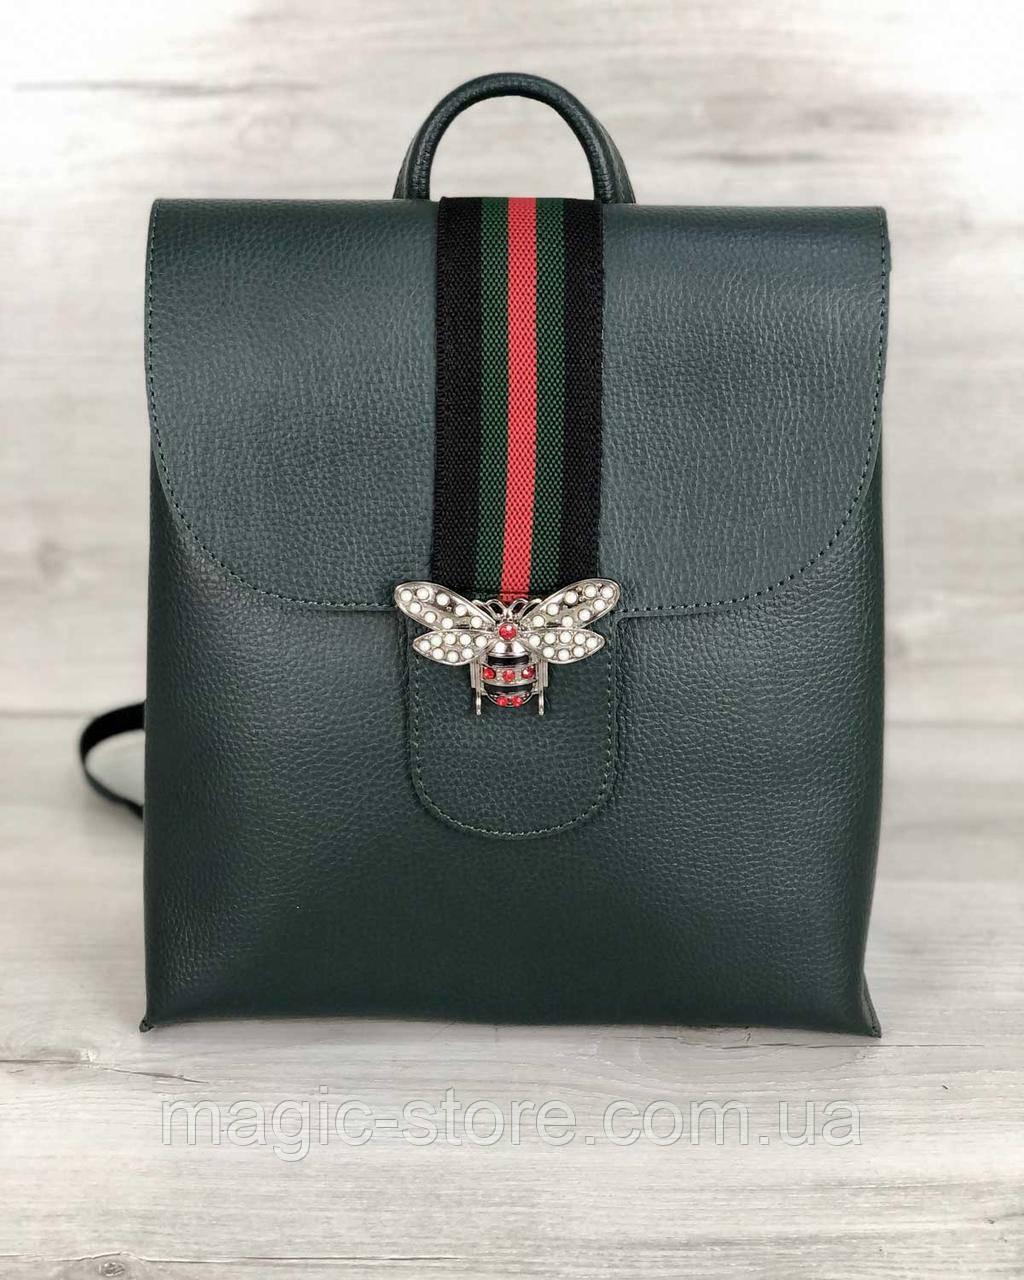 Сумка-рюкзак жіночий Барб зеленого кольору (нікель) молодіжний жіночий рюкзак